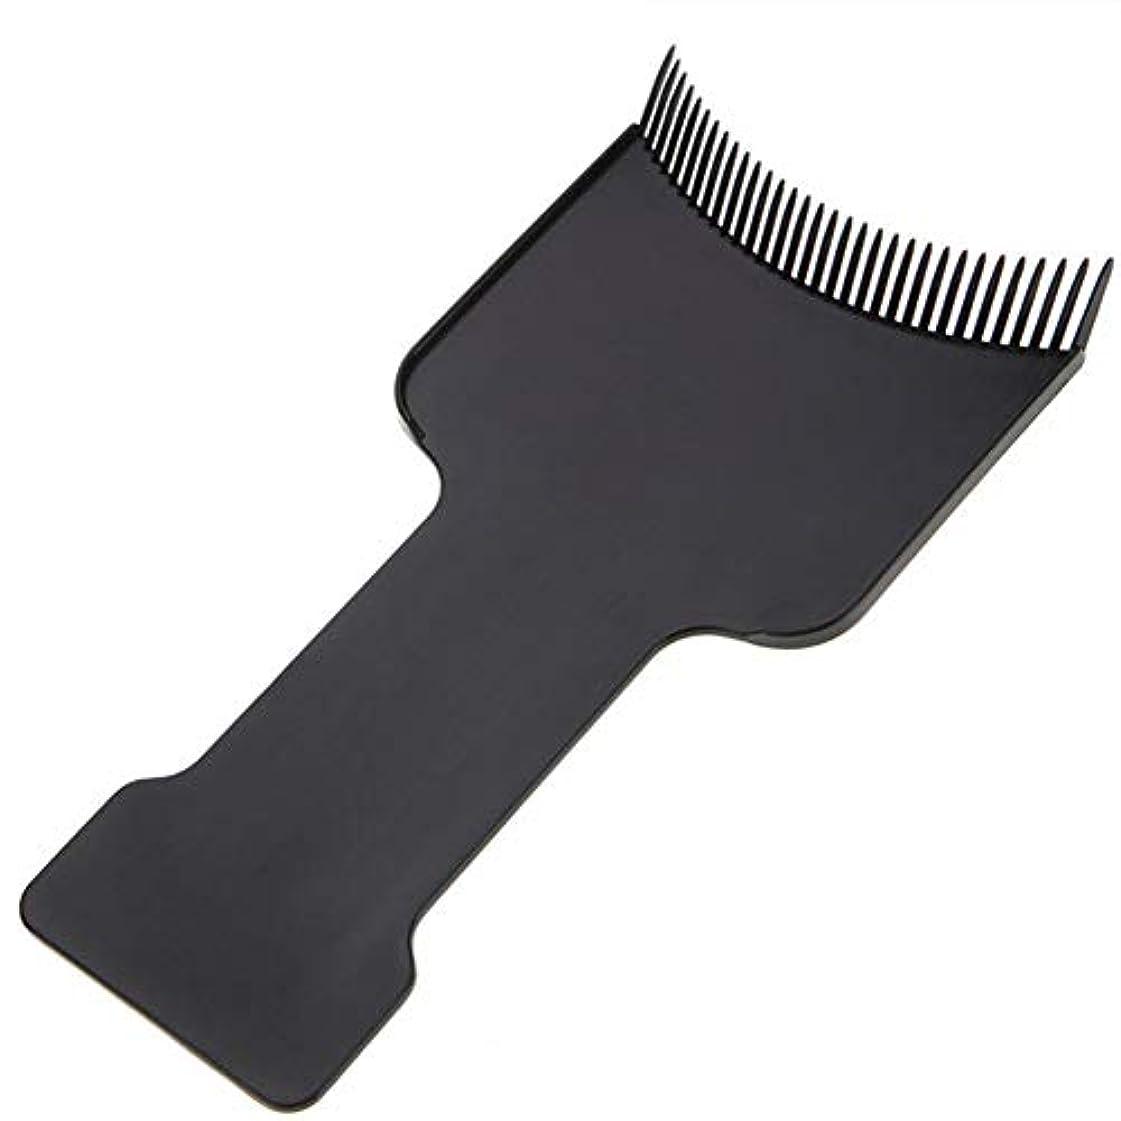 共同選択フィードオンワームSILUN 理髪ヘアカラーボード 理髪サロン髪 着色染色ボードヘアトリートメントケアピックカラーボードコーム理髪ツール プロフェッショナルブラックヘアブラシボード理髪美容ツール